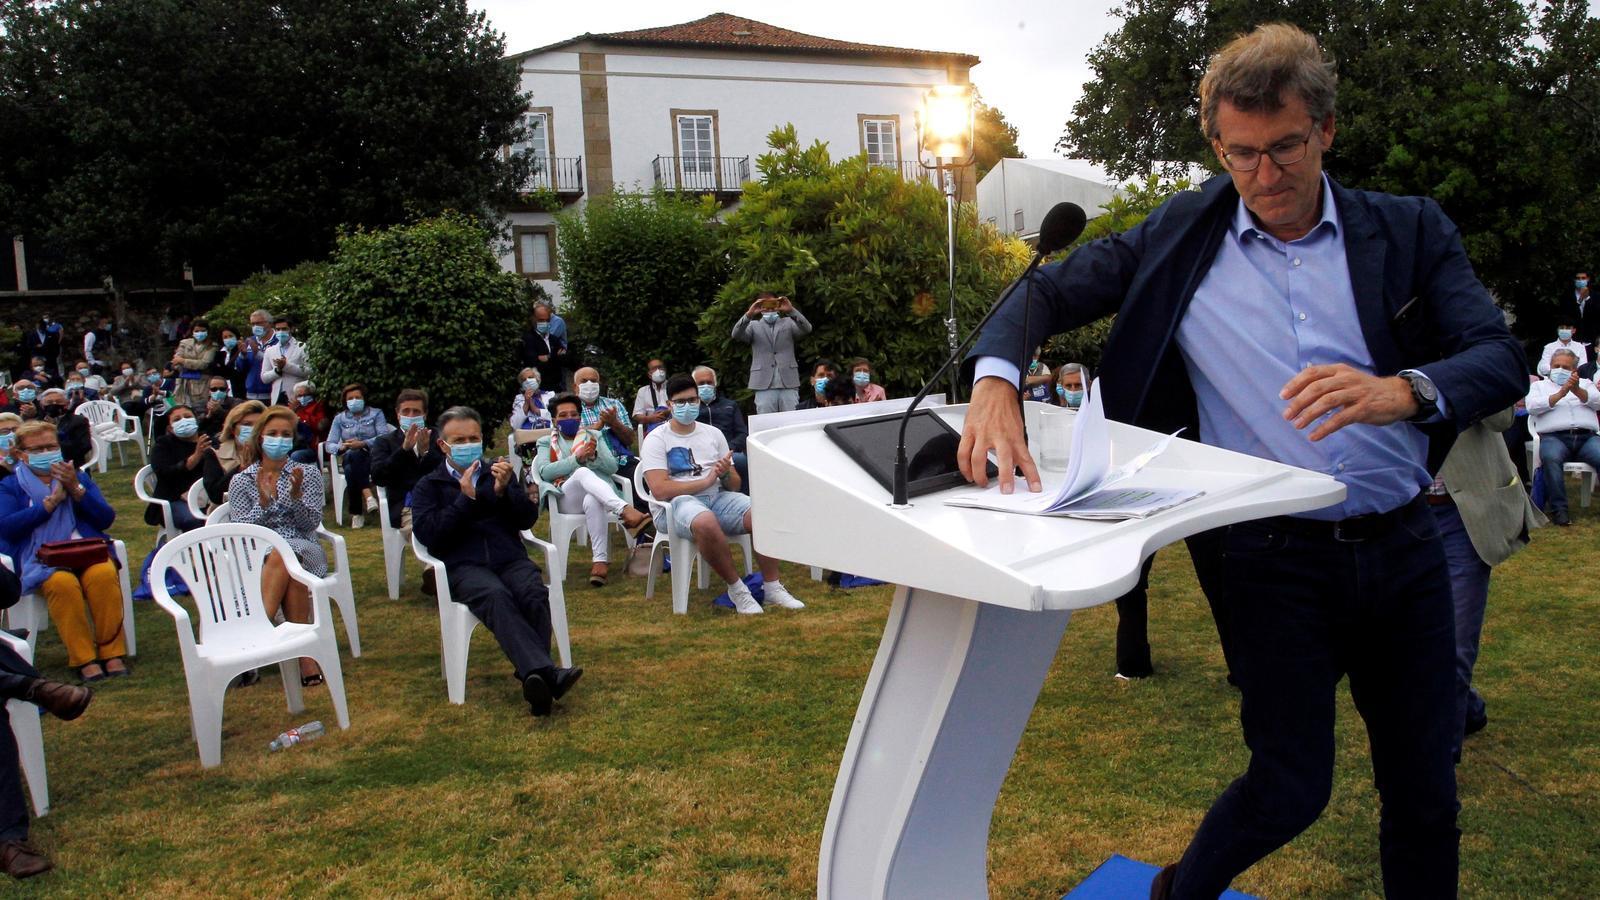 El president gallec i candidat del PP a la reelecció, Alberto Núñez Feijóo, durant un acte de campanya el dilluns al Ferrol  (La Corunya).